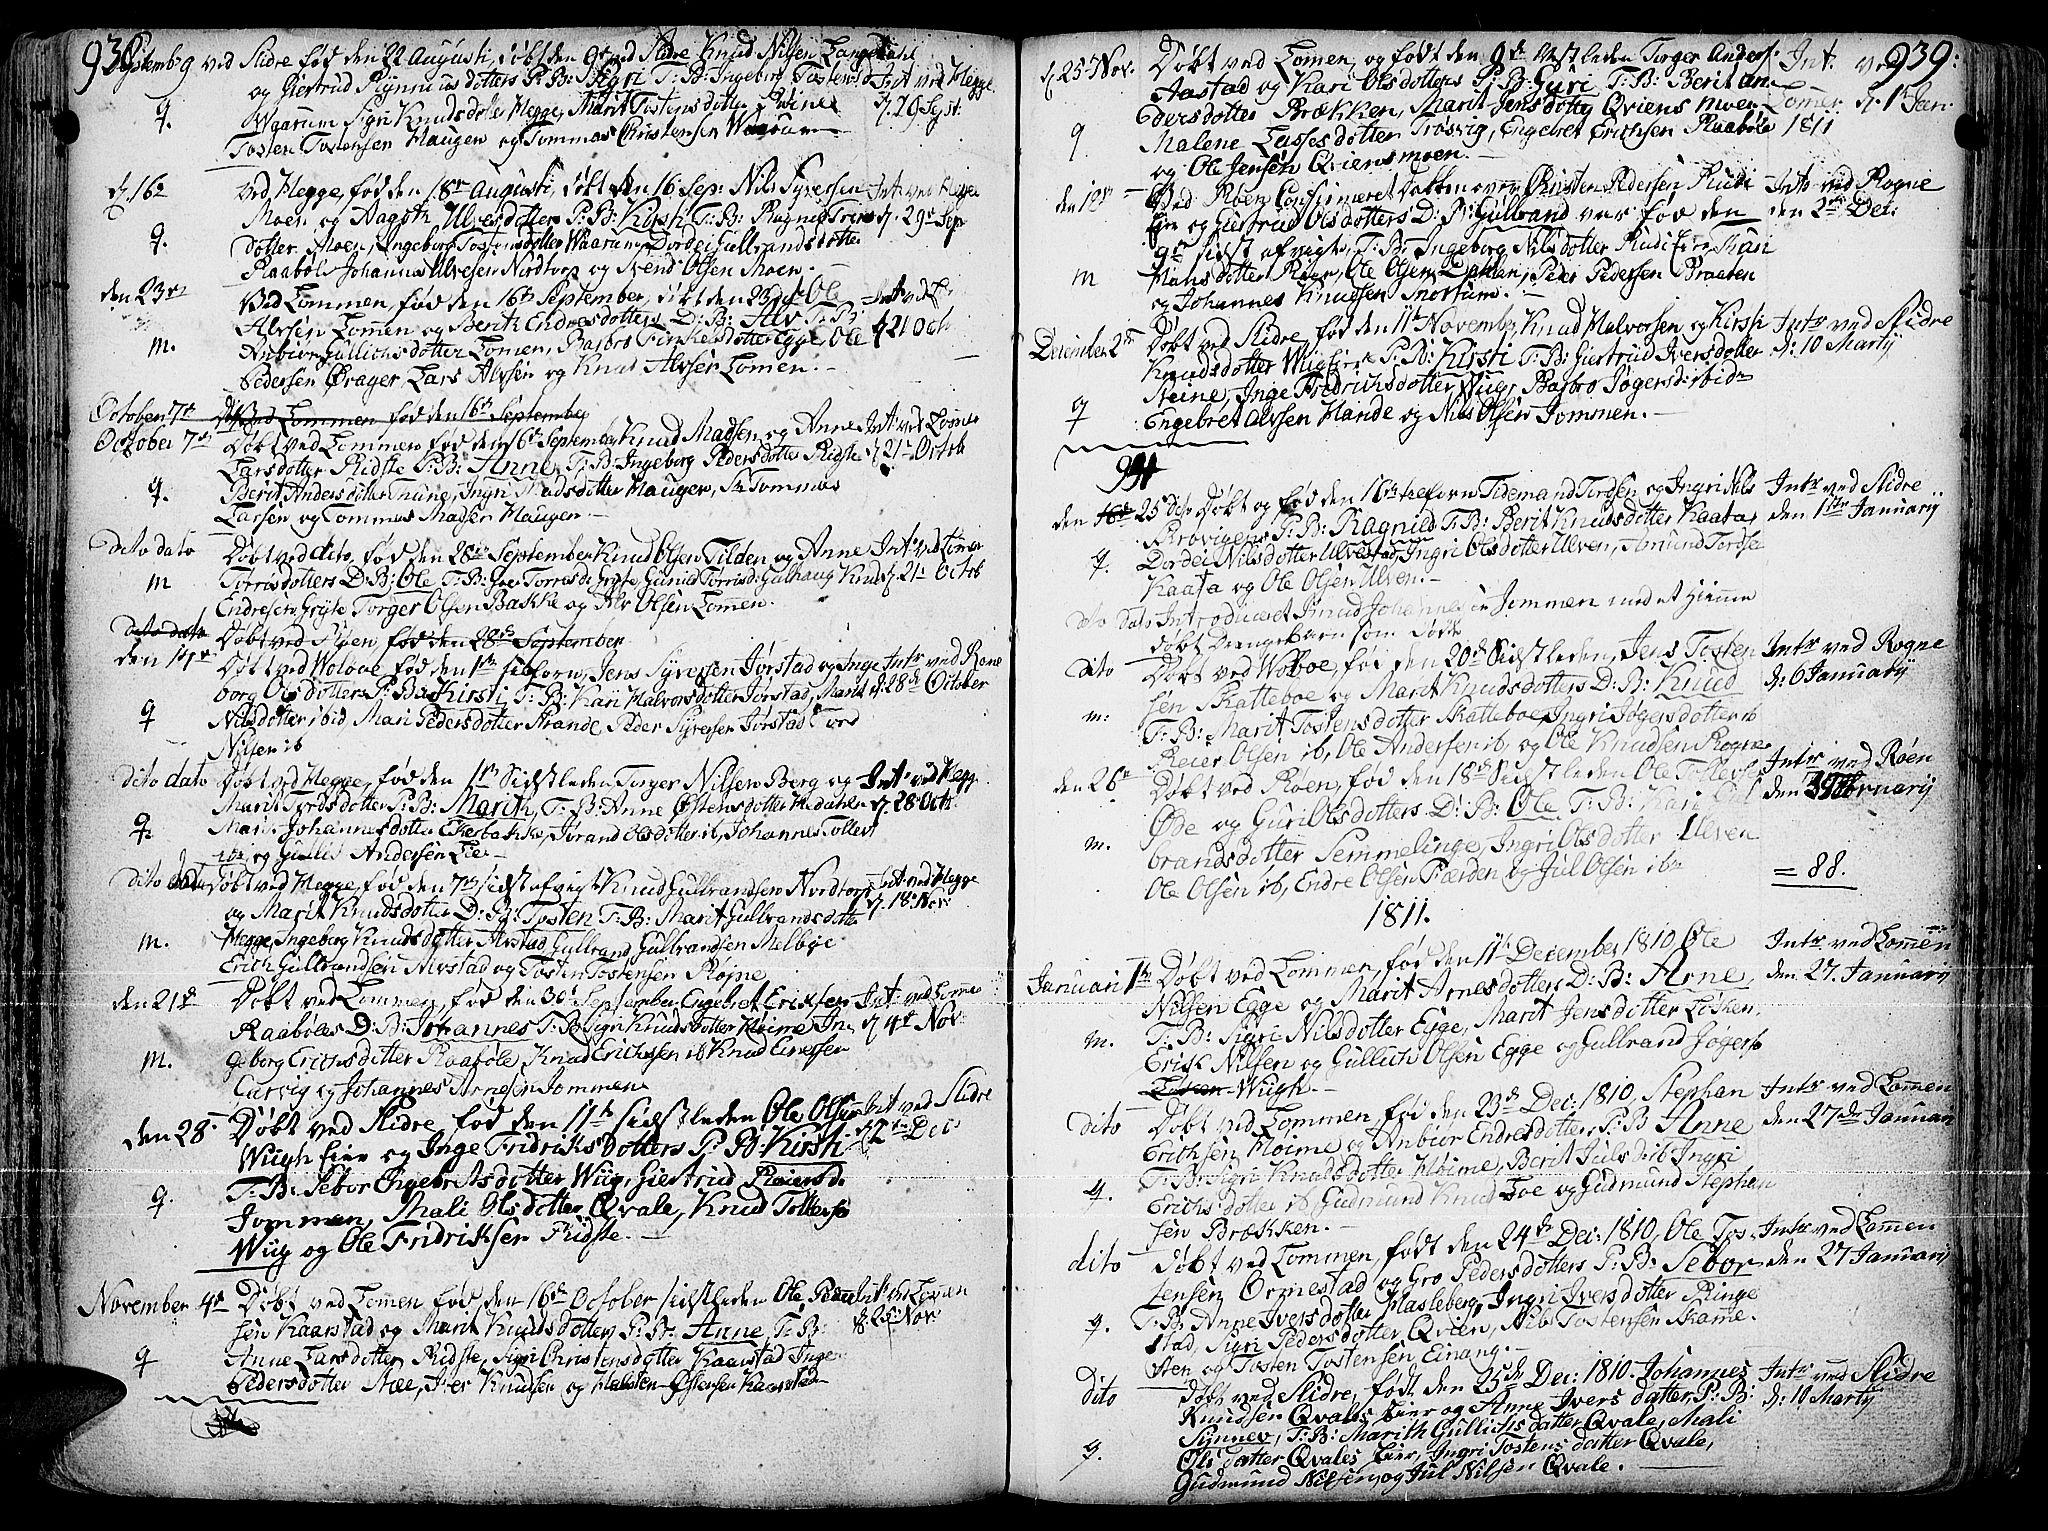 SAH, Slidre prestekontor, Ministerialbok nr. 1, 1724-1814, s. 938-939